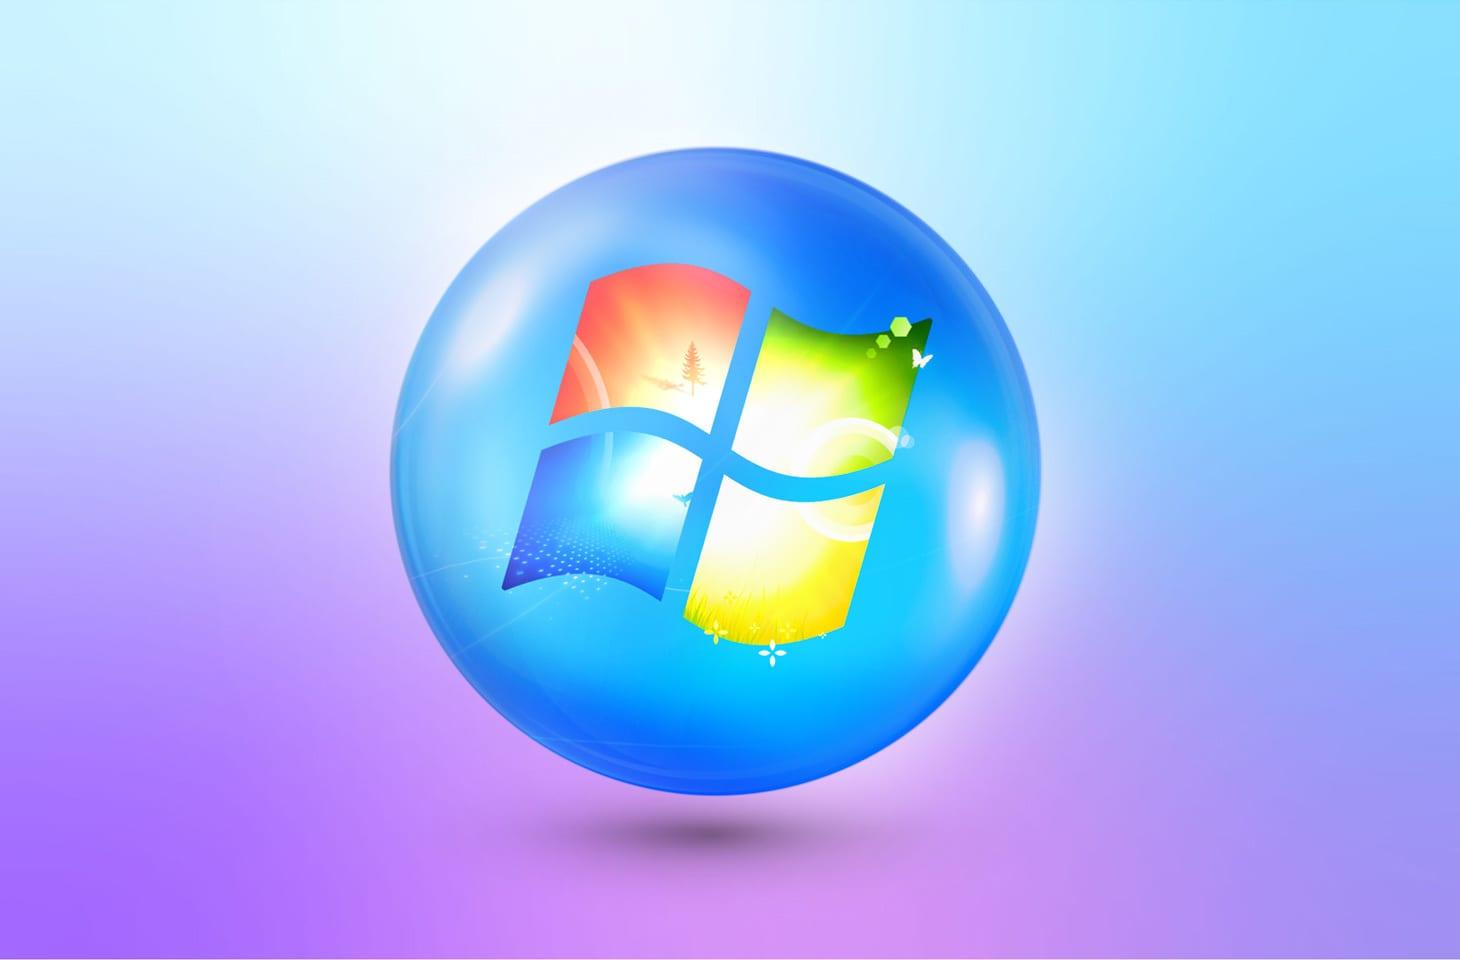 مكونات نظام التشغيل ويندوز اقرأ السوق المفتوح